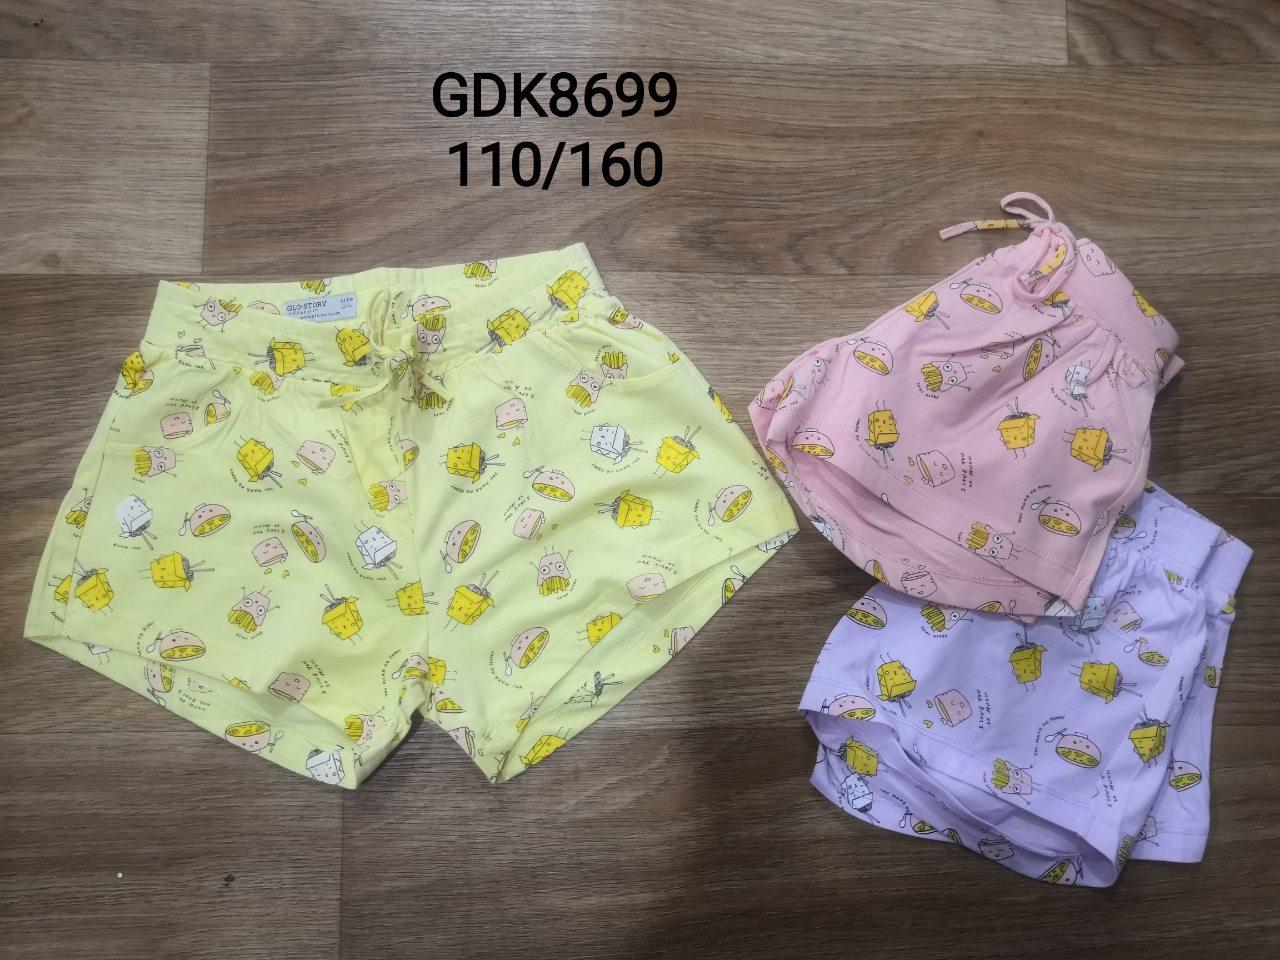 Шорты  для девочек оптом ,Glostory, размеры 110-160, арт. GDK-8699